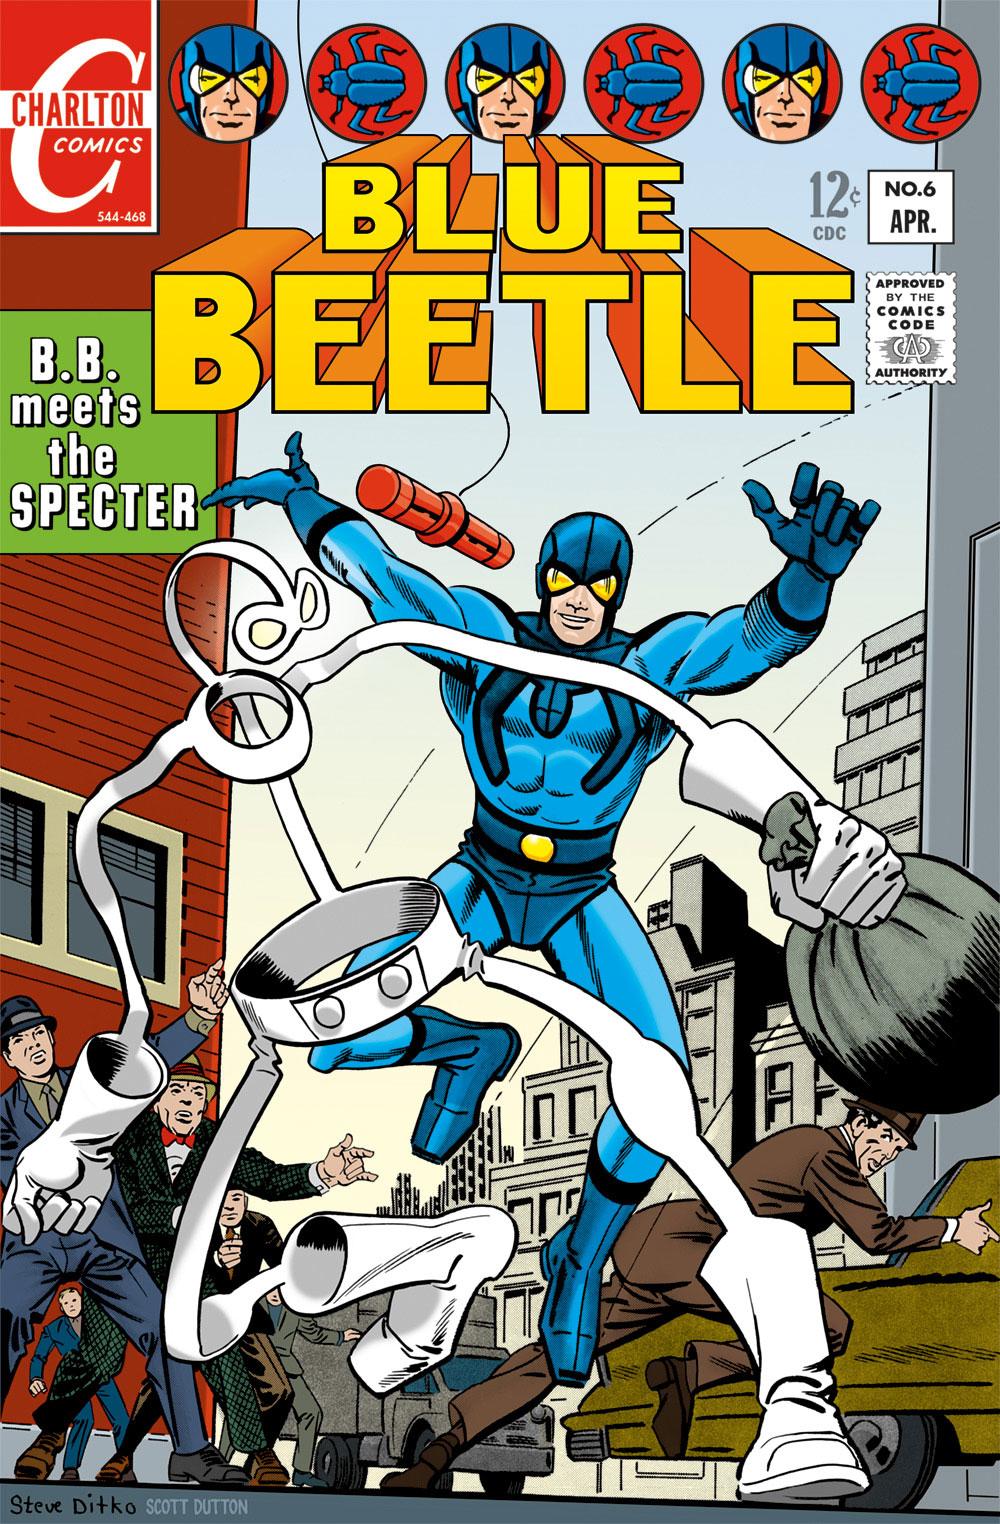 charlton-blue-beetle